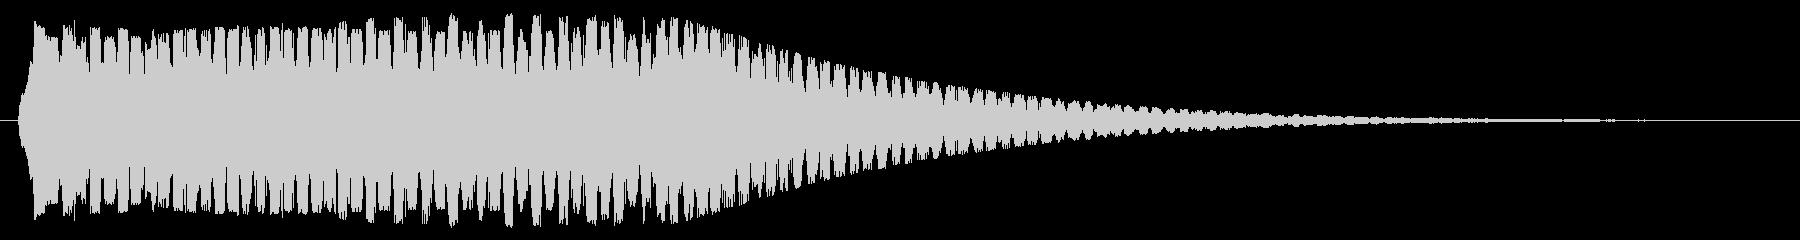 下降/パワーダウン/弱体化の未再生の波形